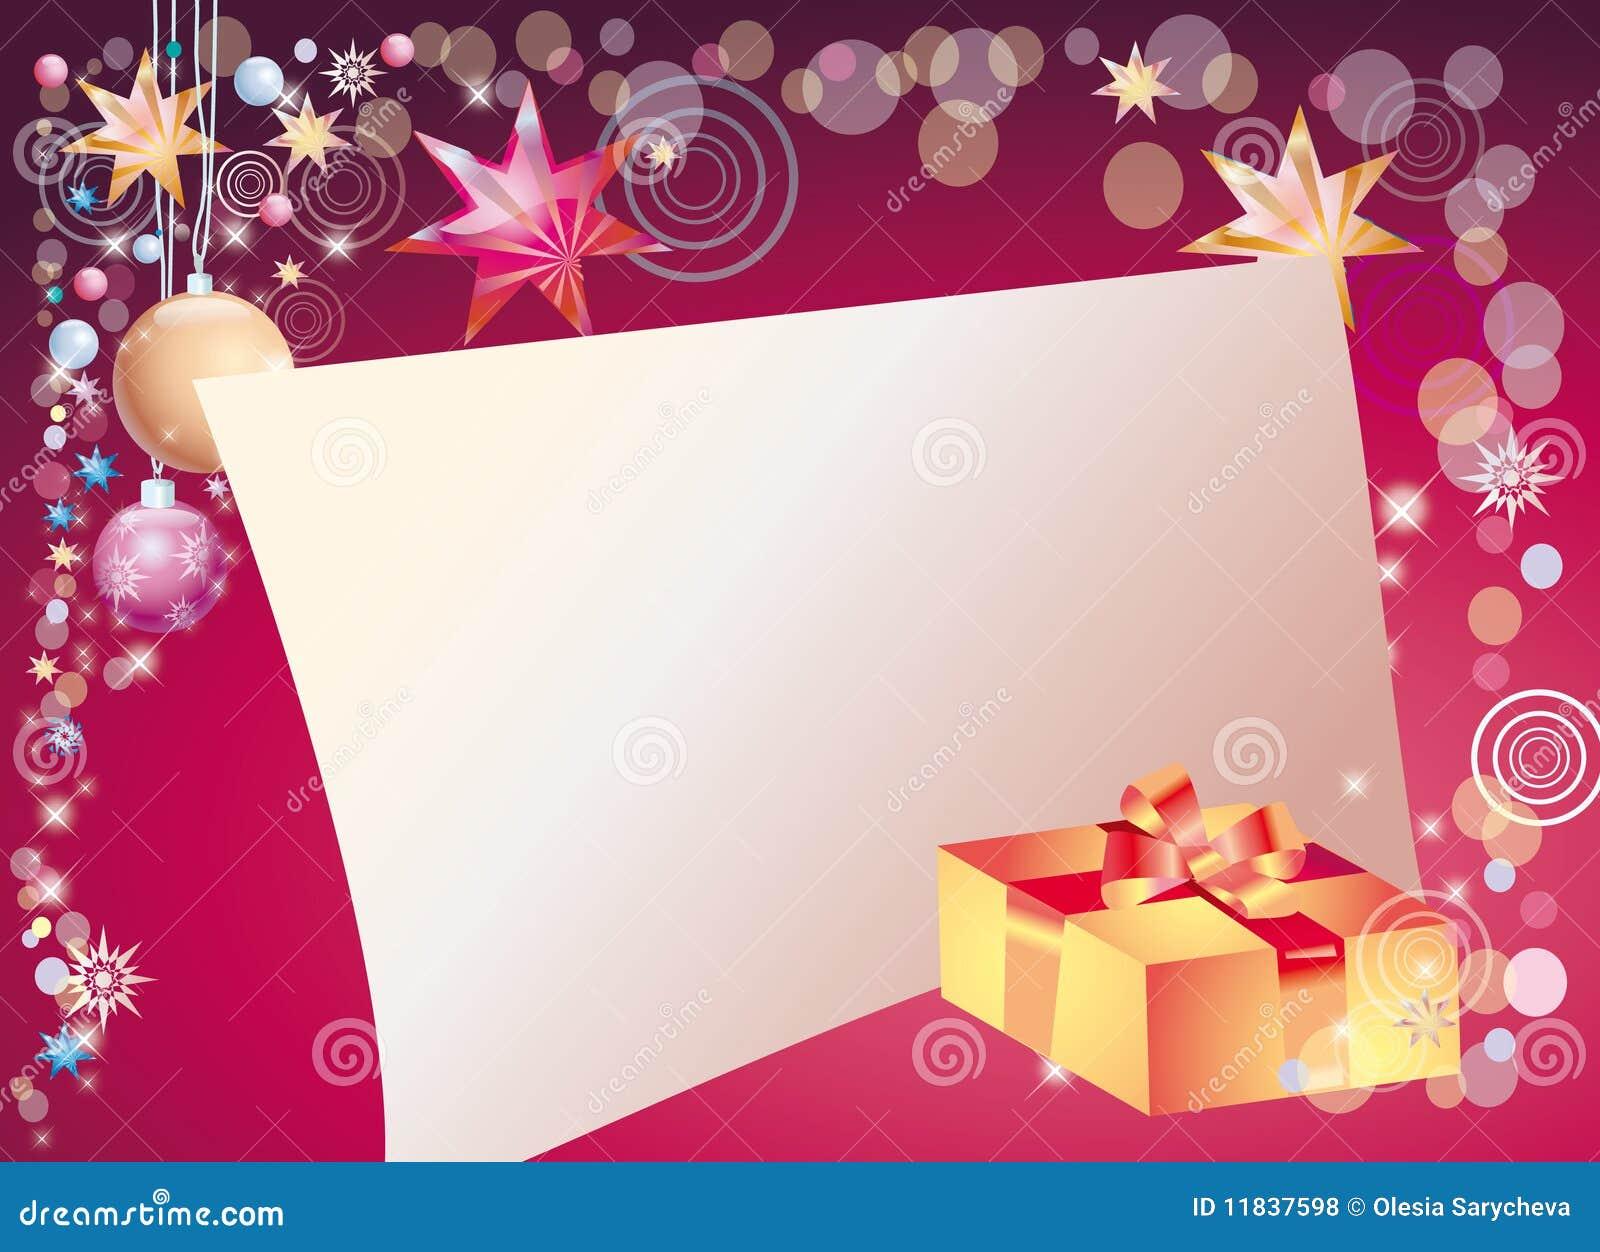 Fondo Del Año Nuevo Con El Campo Para La Carta Stock De Ilustración